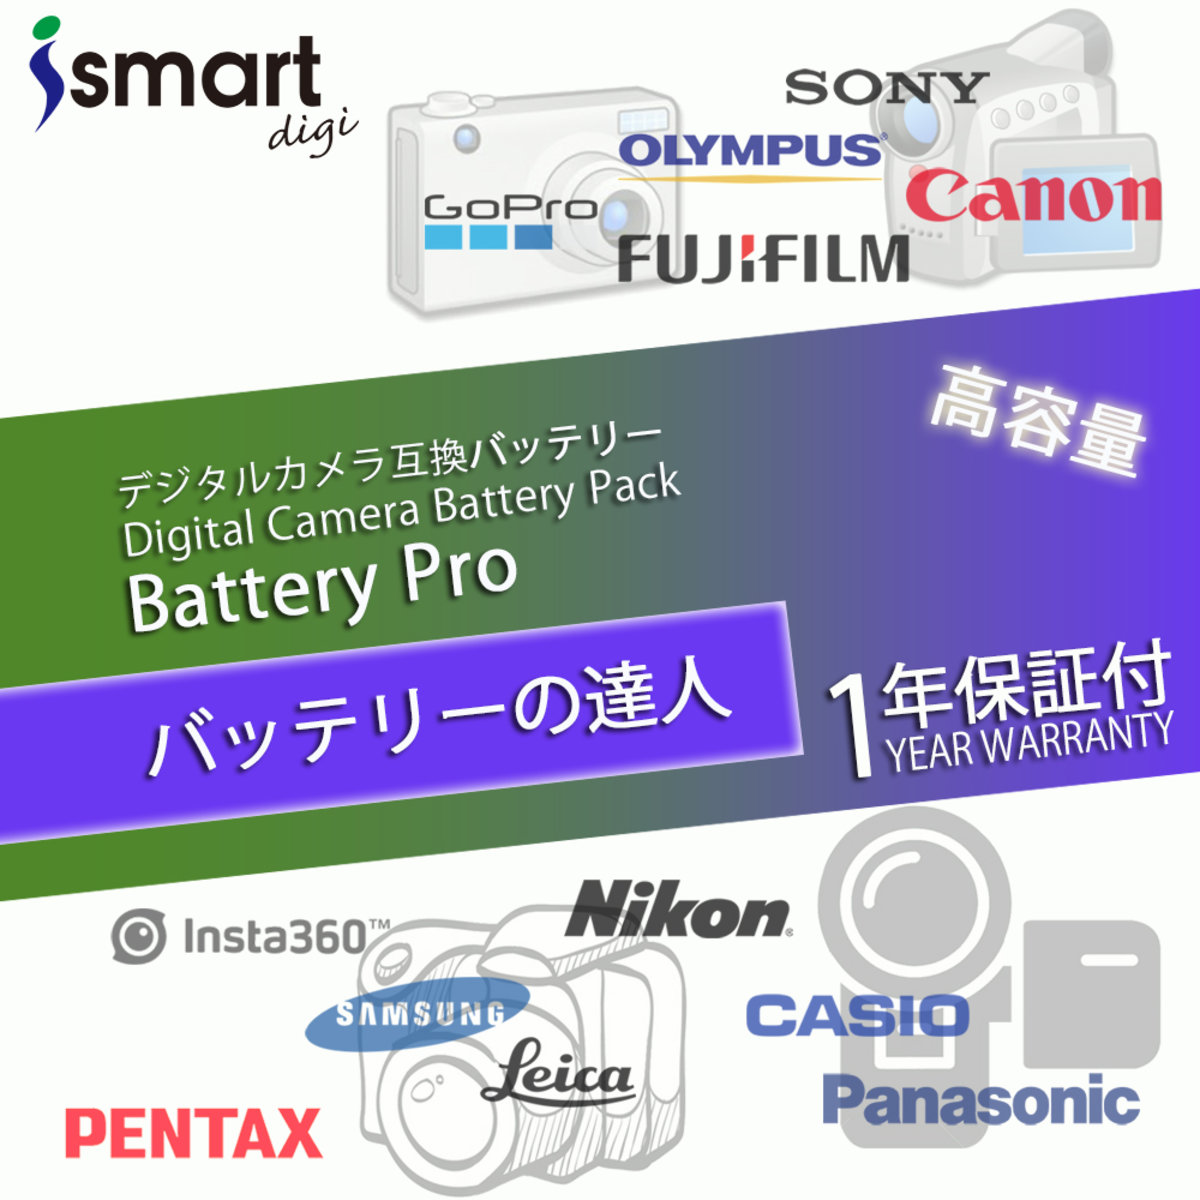 佳能數碼相機電池(適合: EOS 600D, EOS 550D ,700D, EOS Rebel T2i ,650D,750D,760D)